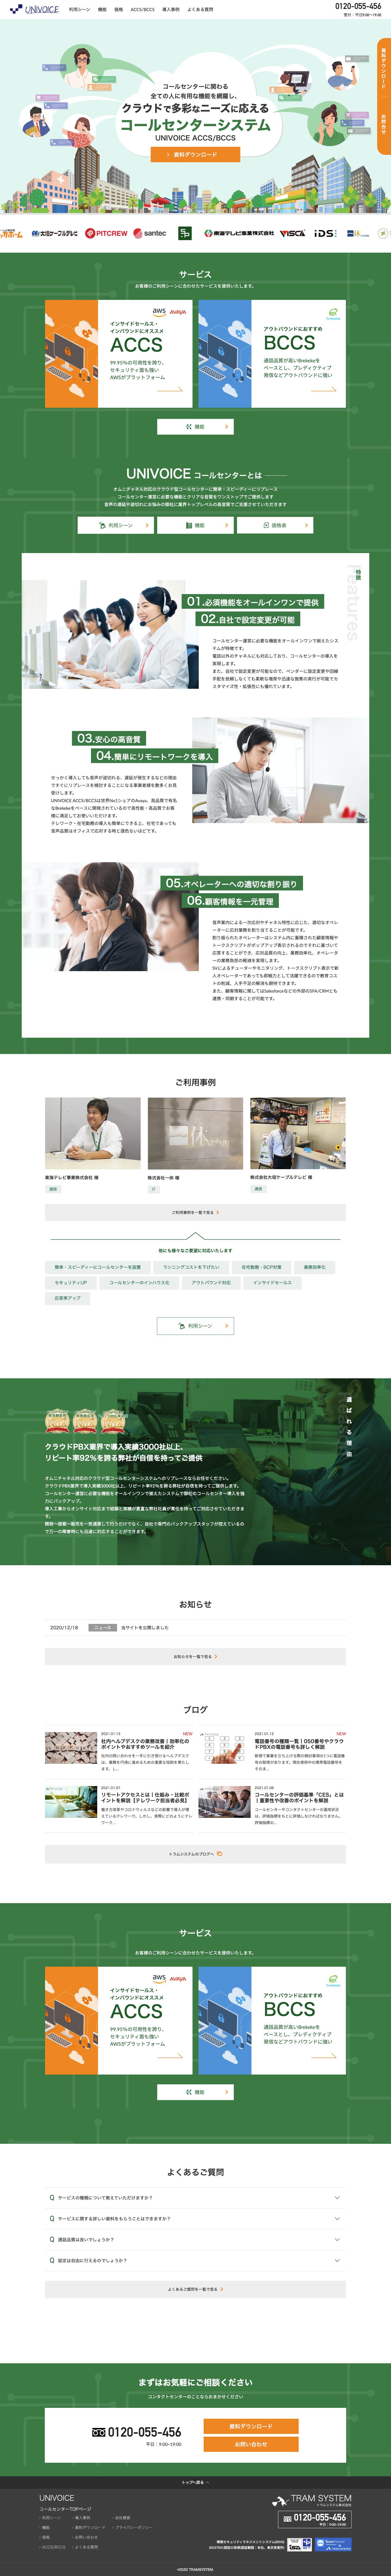 トラムシステム株式会社 コールセンターシステム紹介サイト